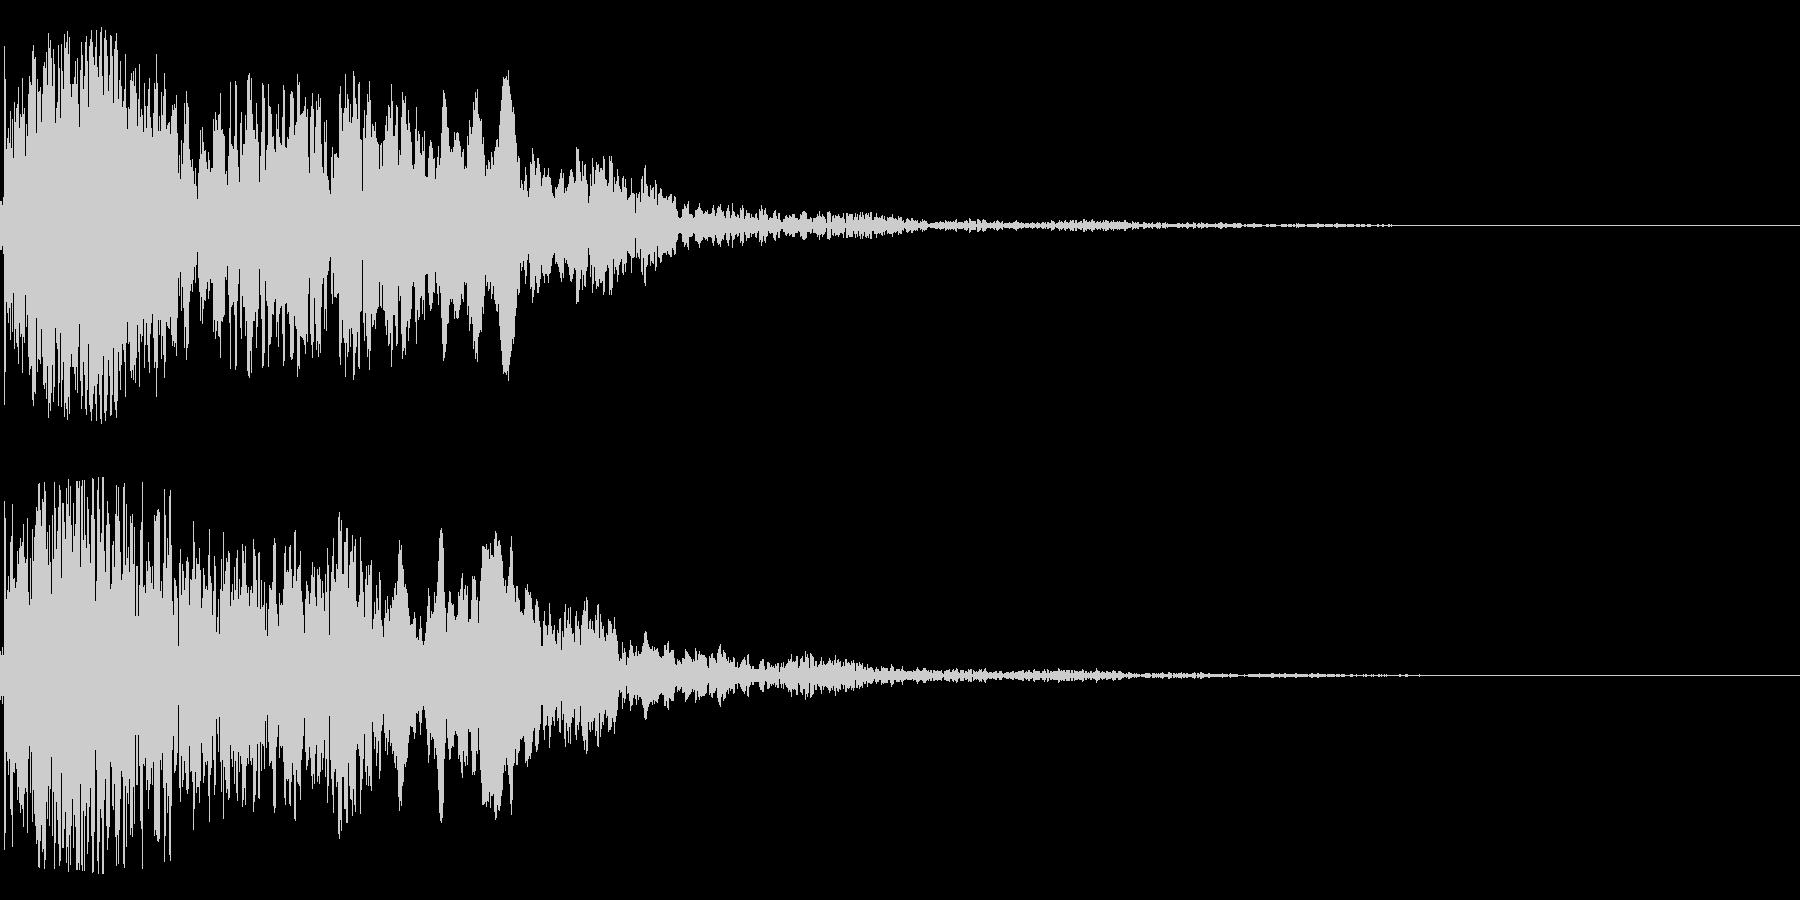 太鼓と尺八の和風インパクトジングル!12の未再生の波形